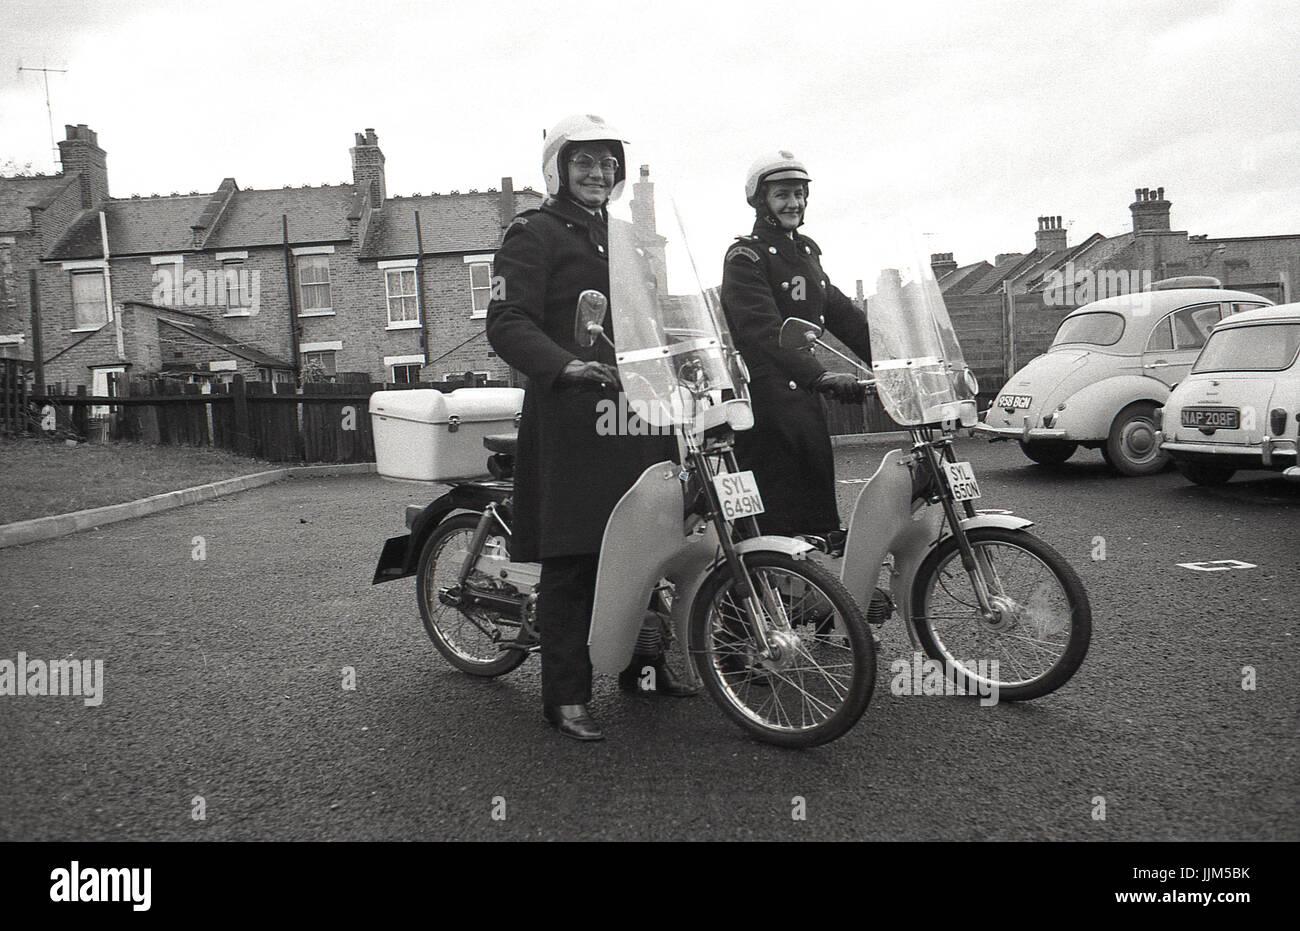 1974, Südlondon, arbeiten zwei weibliche Politessen auf ihre neue Transportmittel für ihre Strafverfolgung, Stockbild